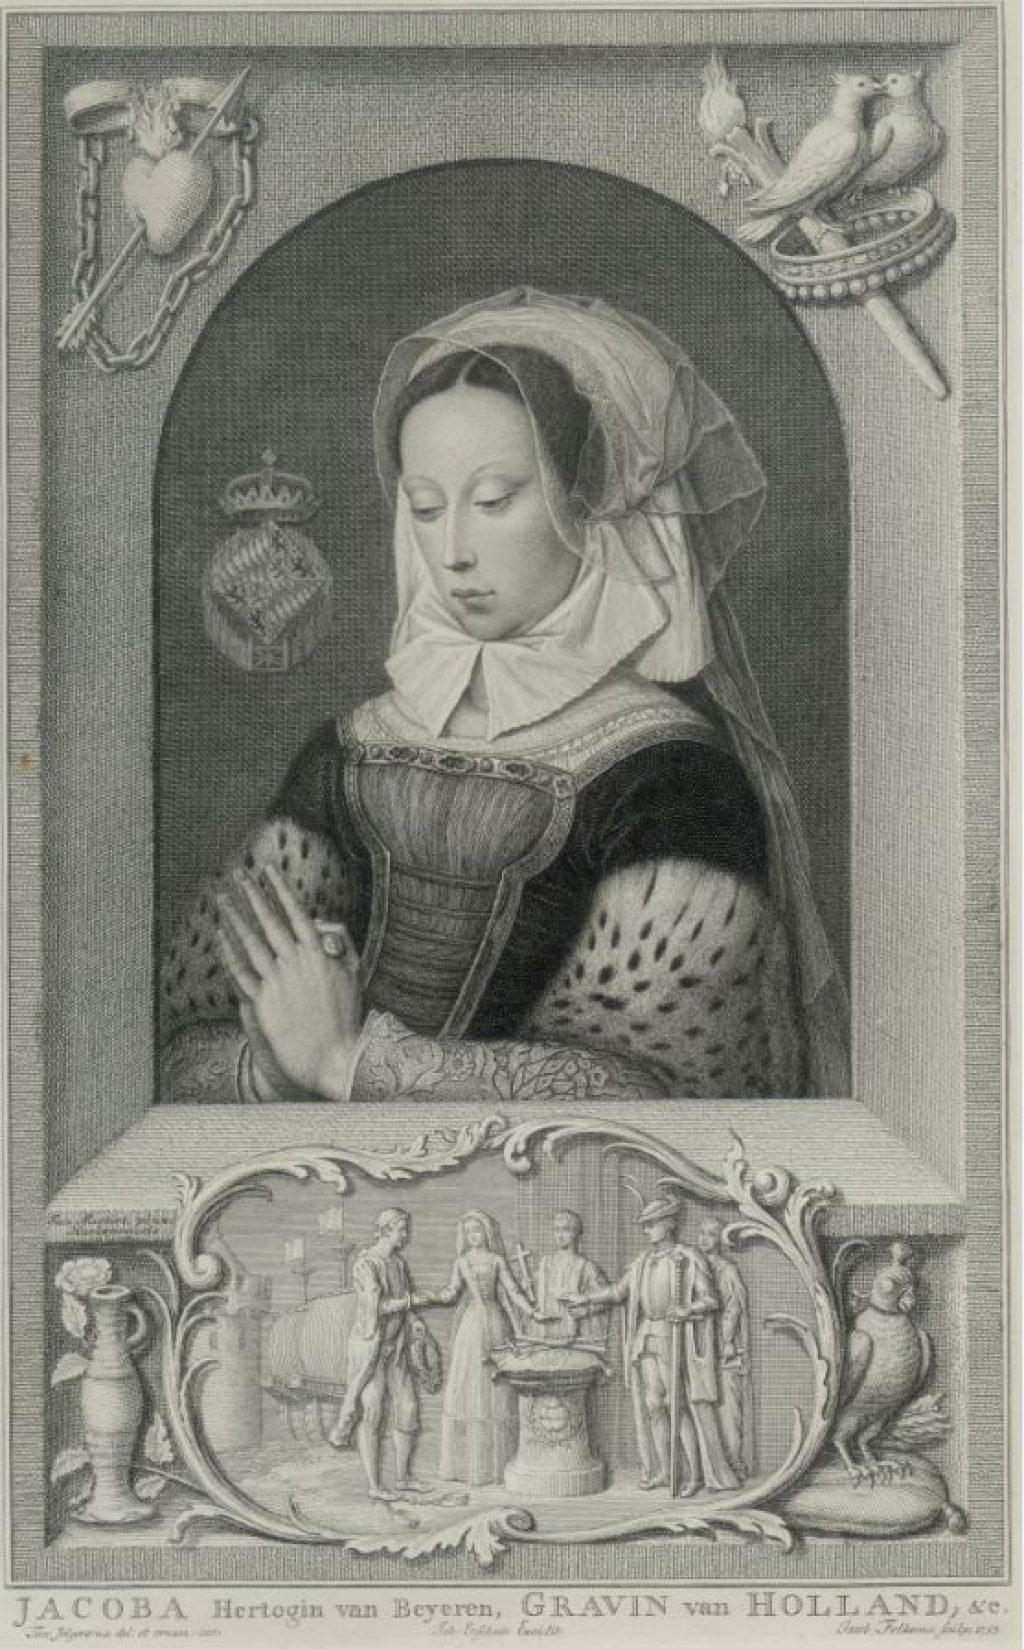 Portret van Jacoba van Beieren. Gravure van Jacob Folkema uit 1753. (TMS 74903)